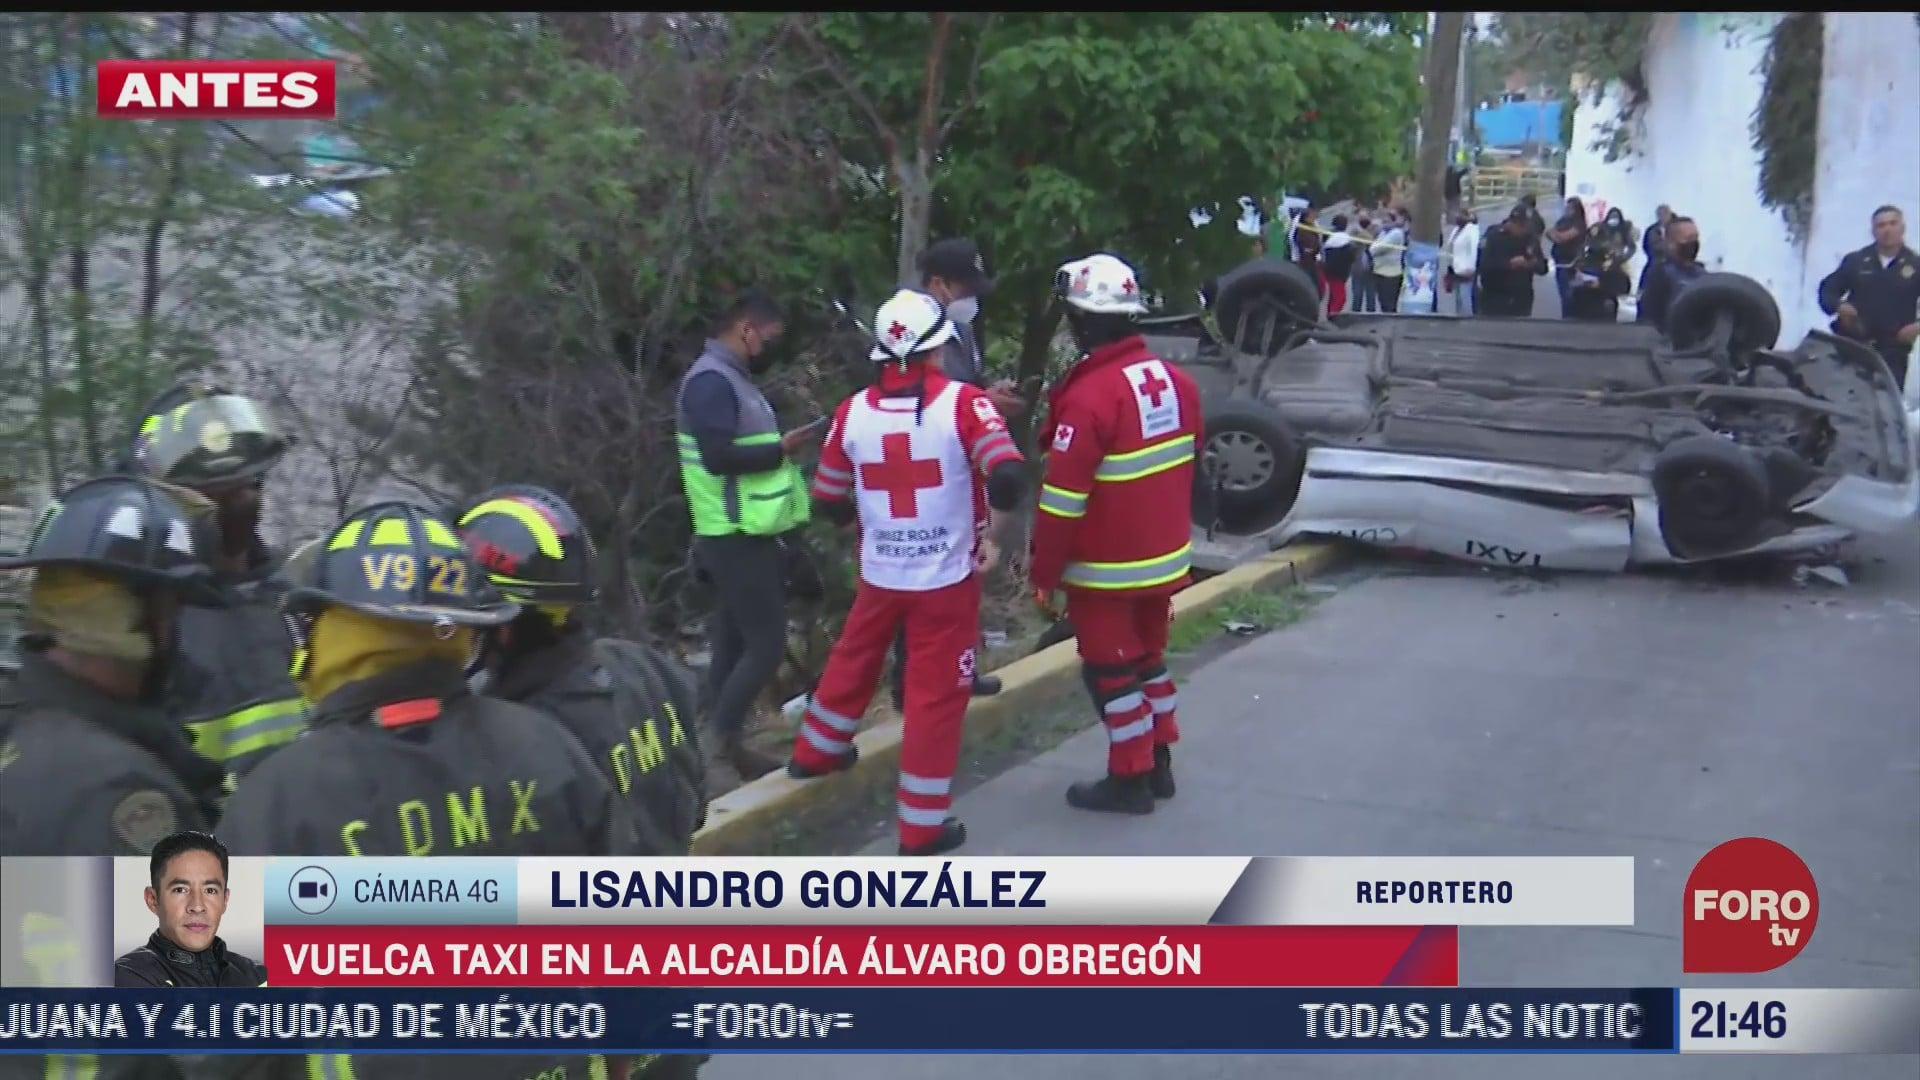 vuelca taxi en la alcaldia alvaro obregon hay un muerto